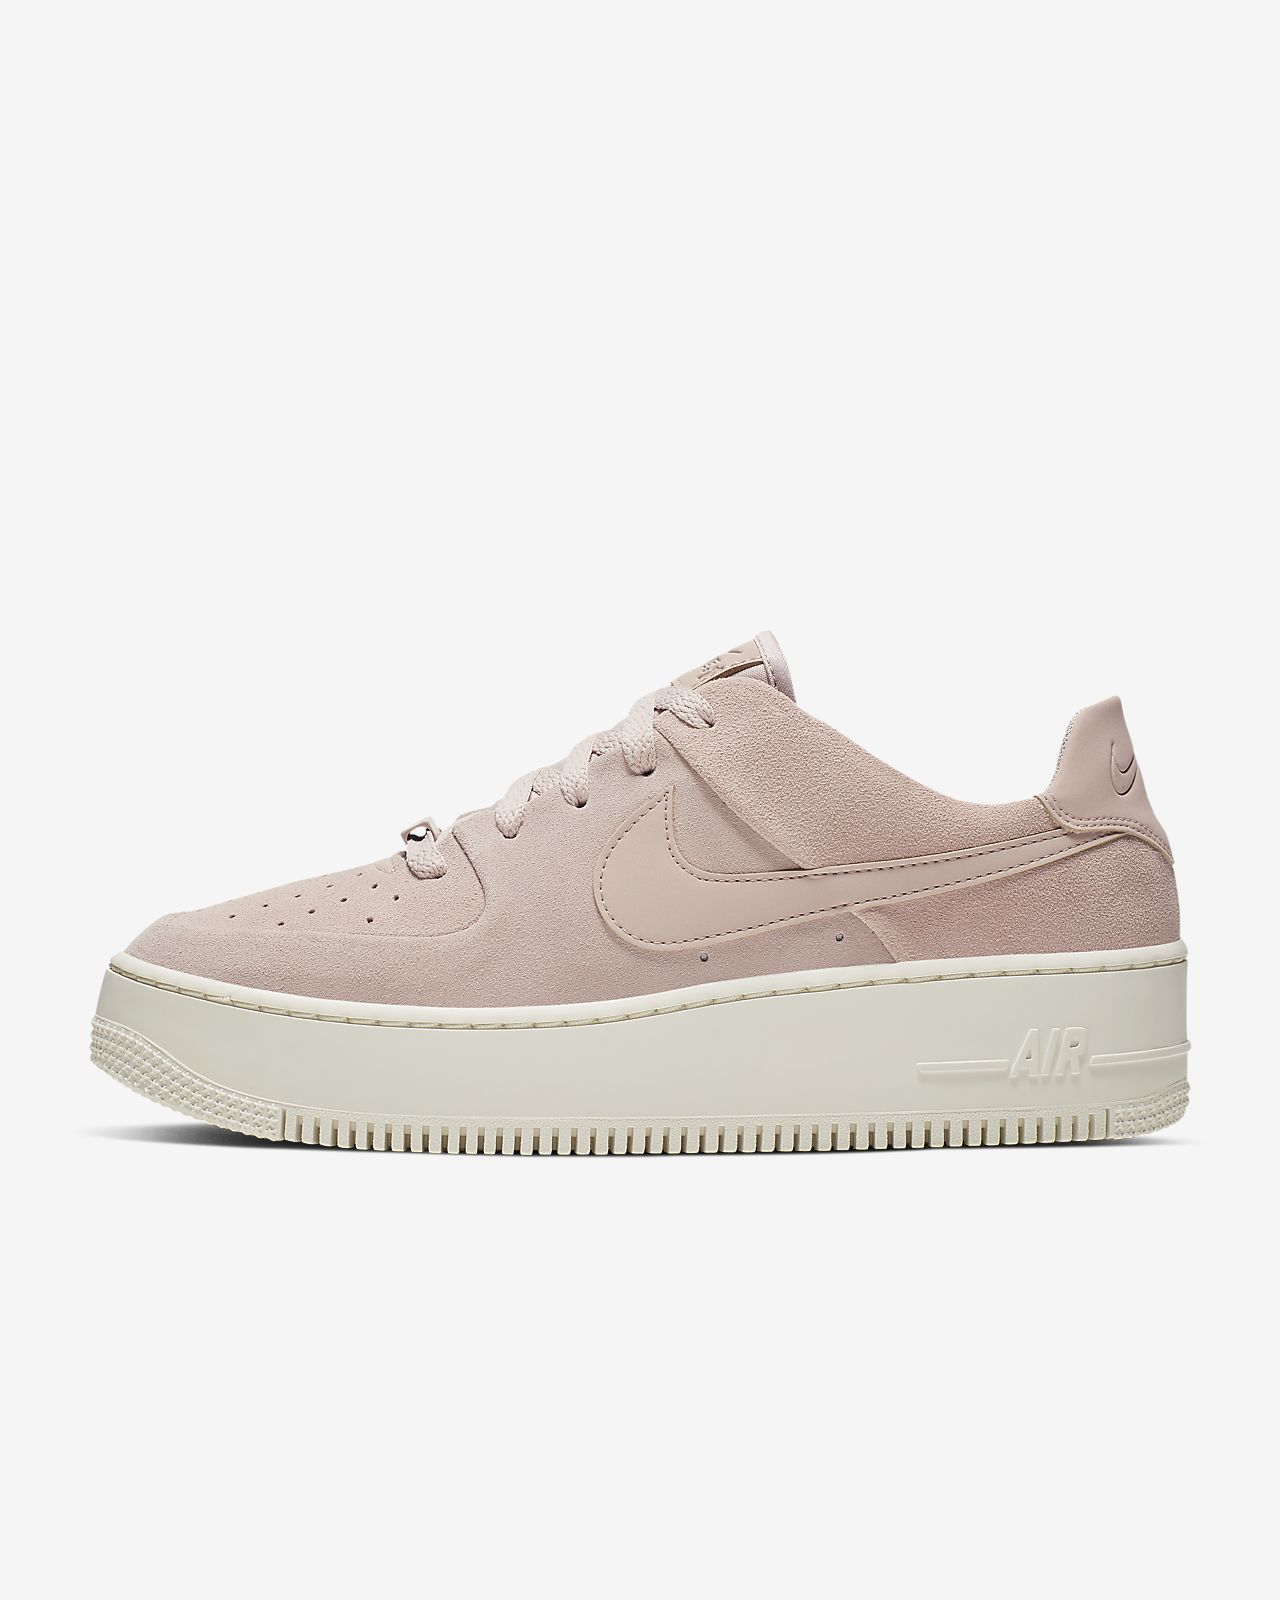 รองเท้าผู้หญิง Nike Air Force 1 Sage Low